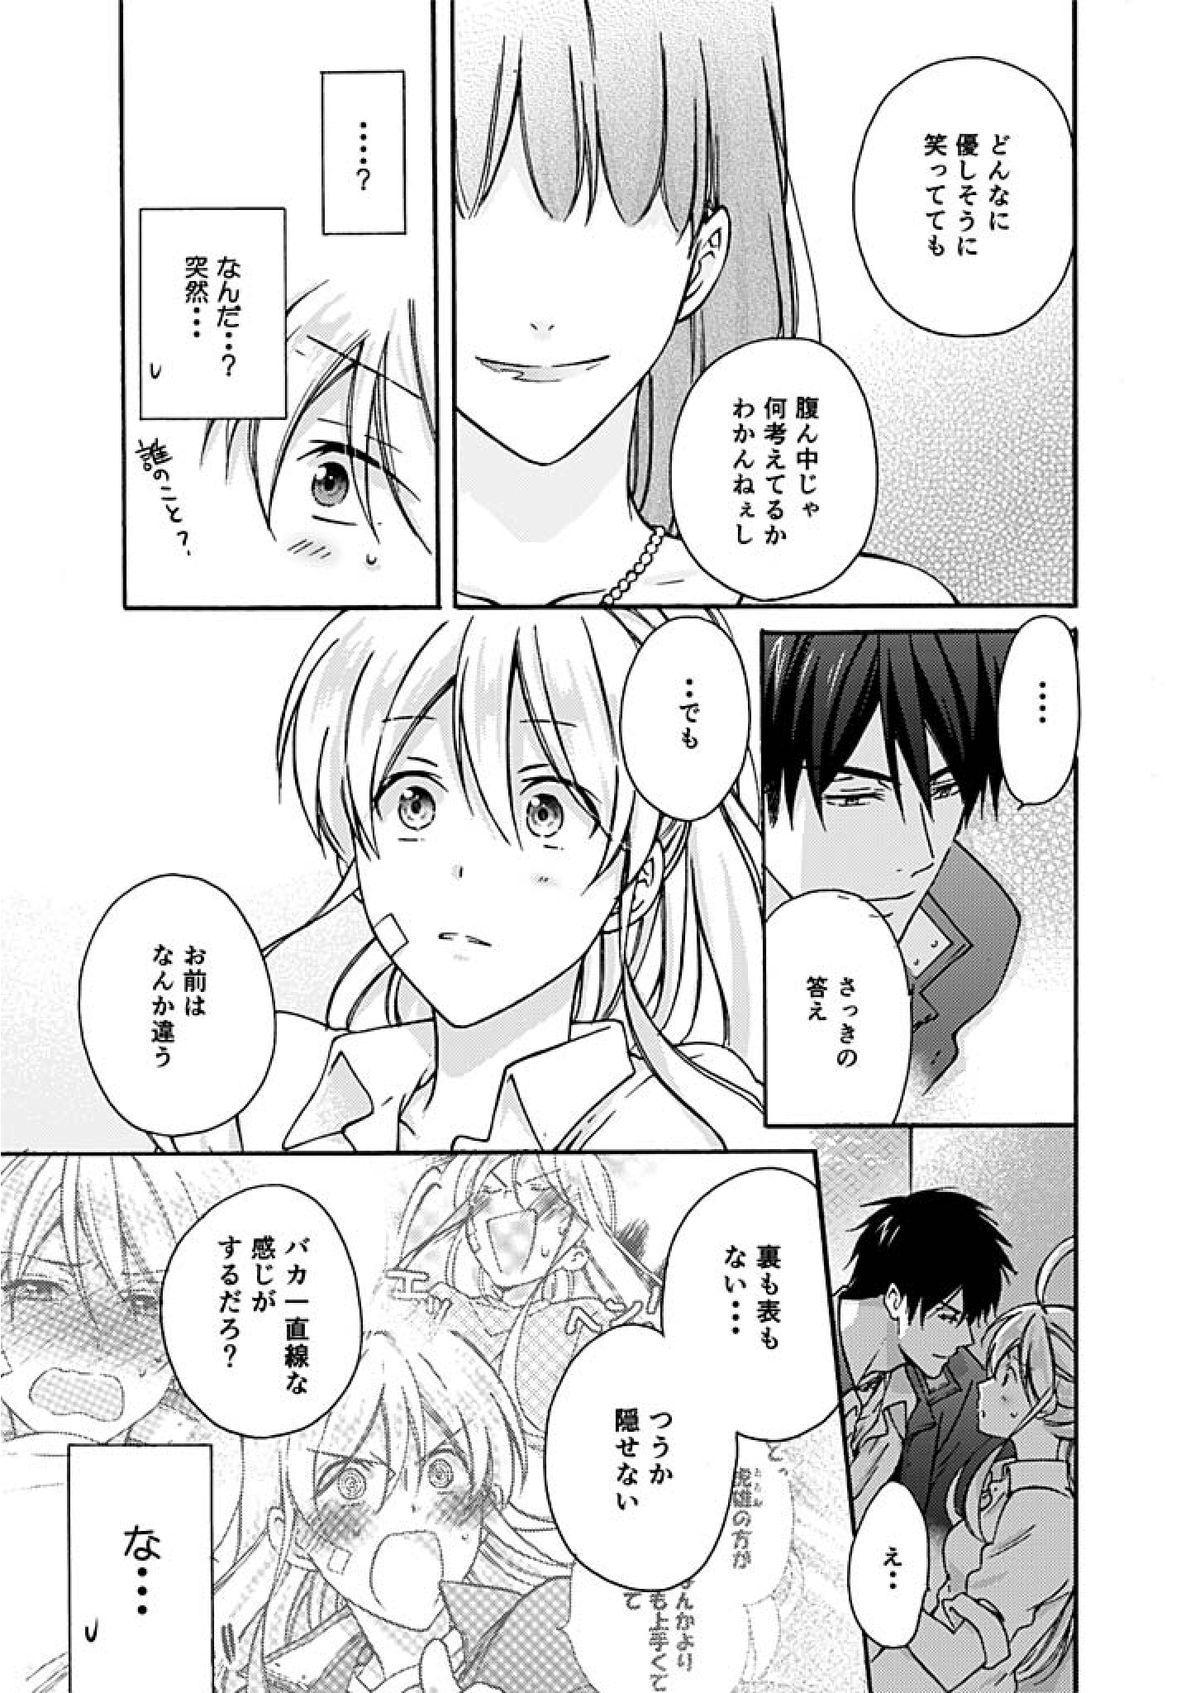 Nyotaika Yankee Gakuen ☆ Ore no Hajimete, Nerawaretemasu. 3 17